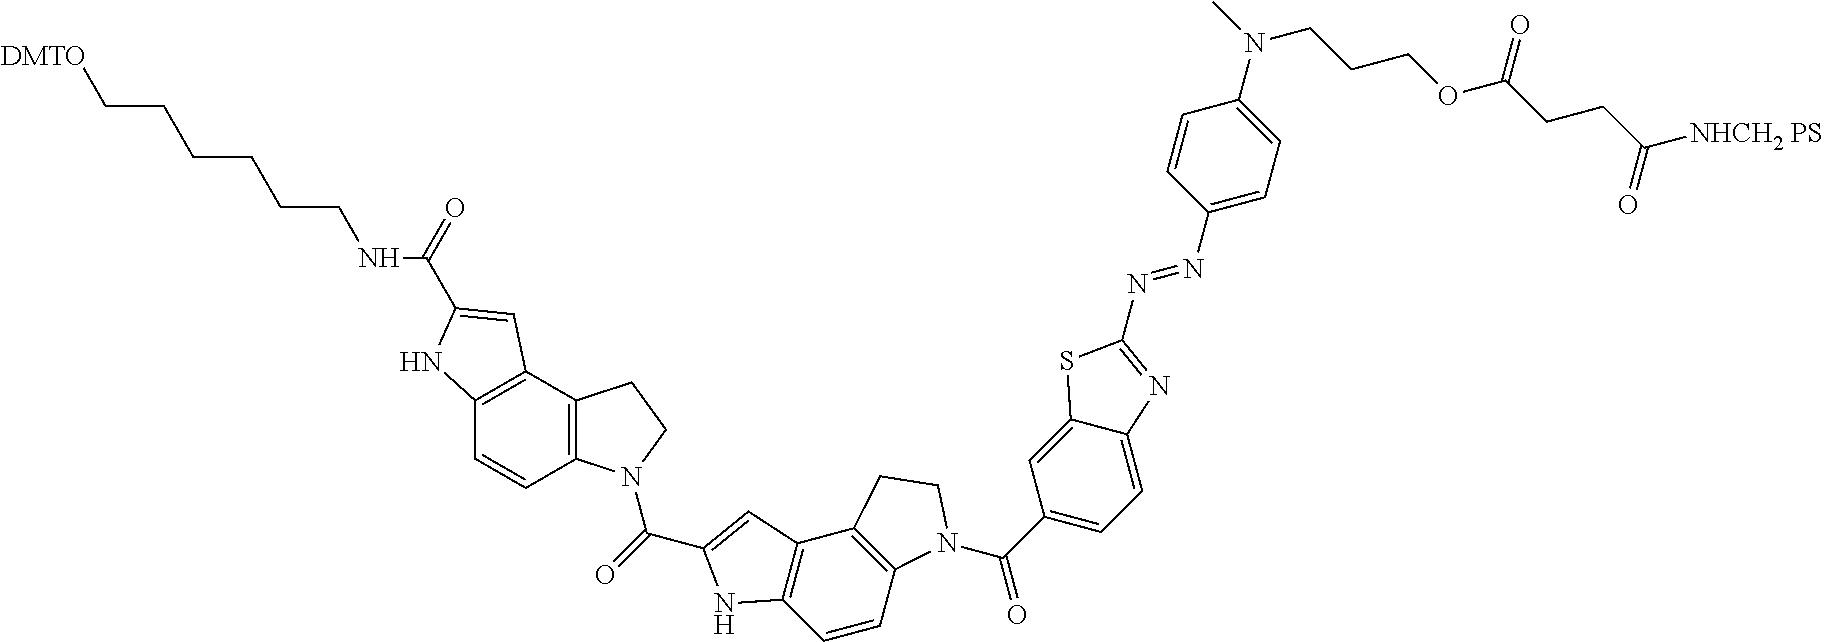 Figure US20190064067A1-20190228-C00109